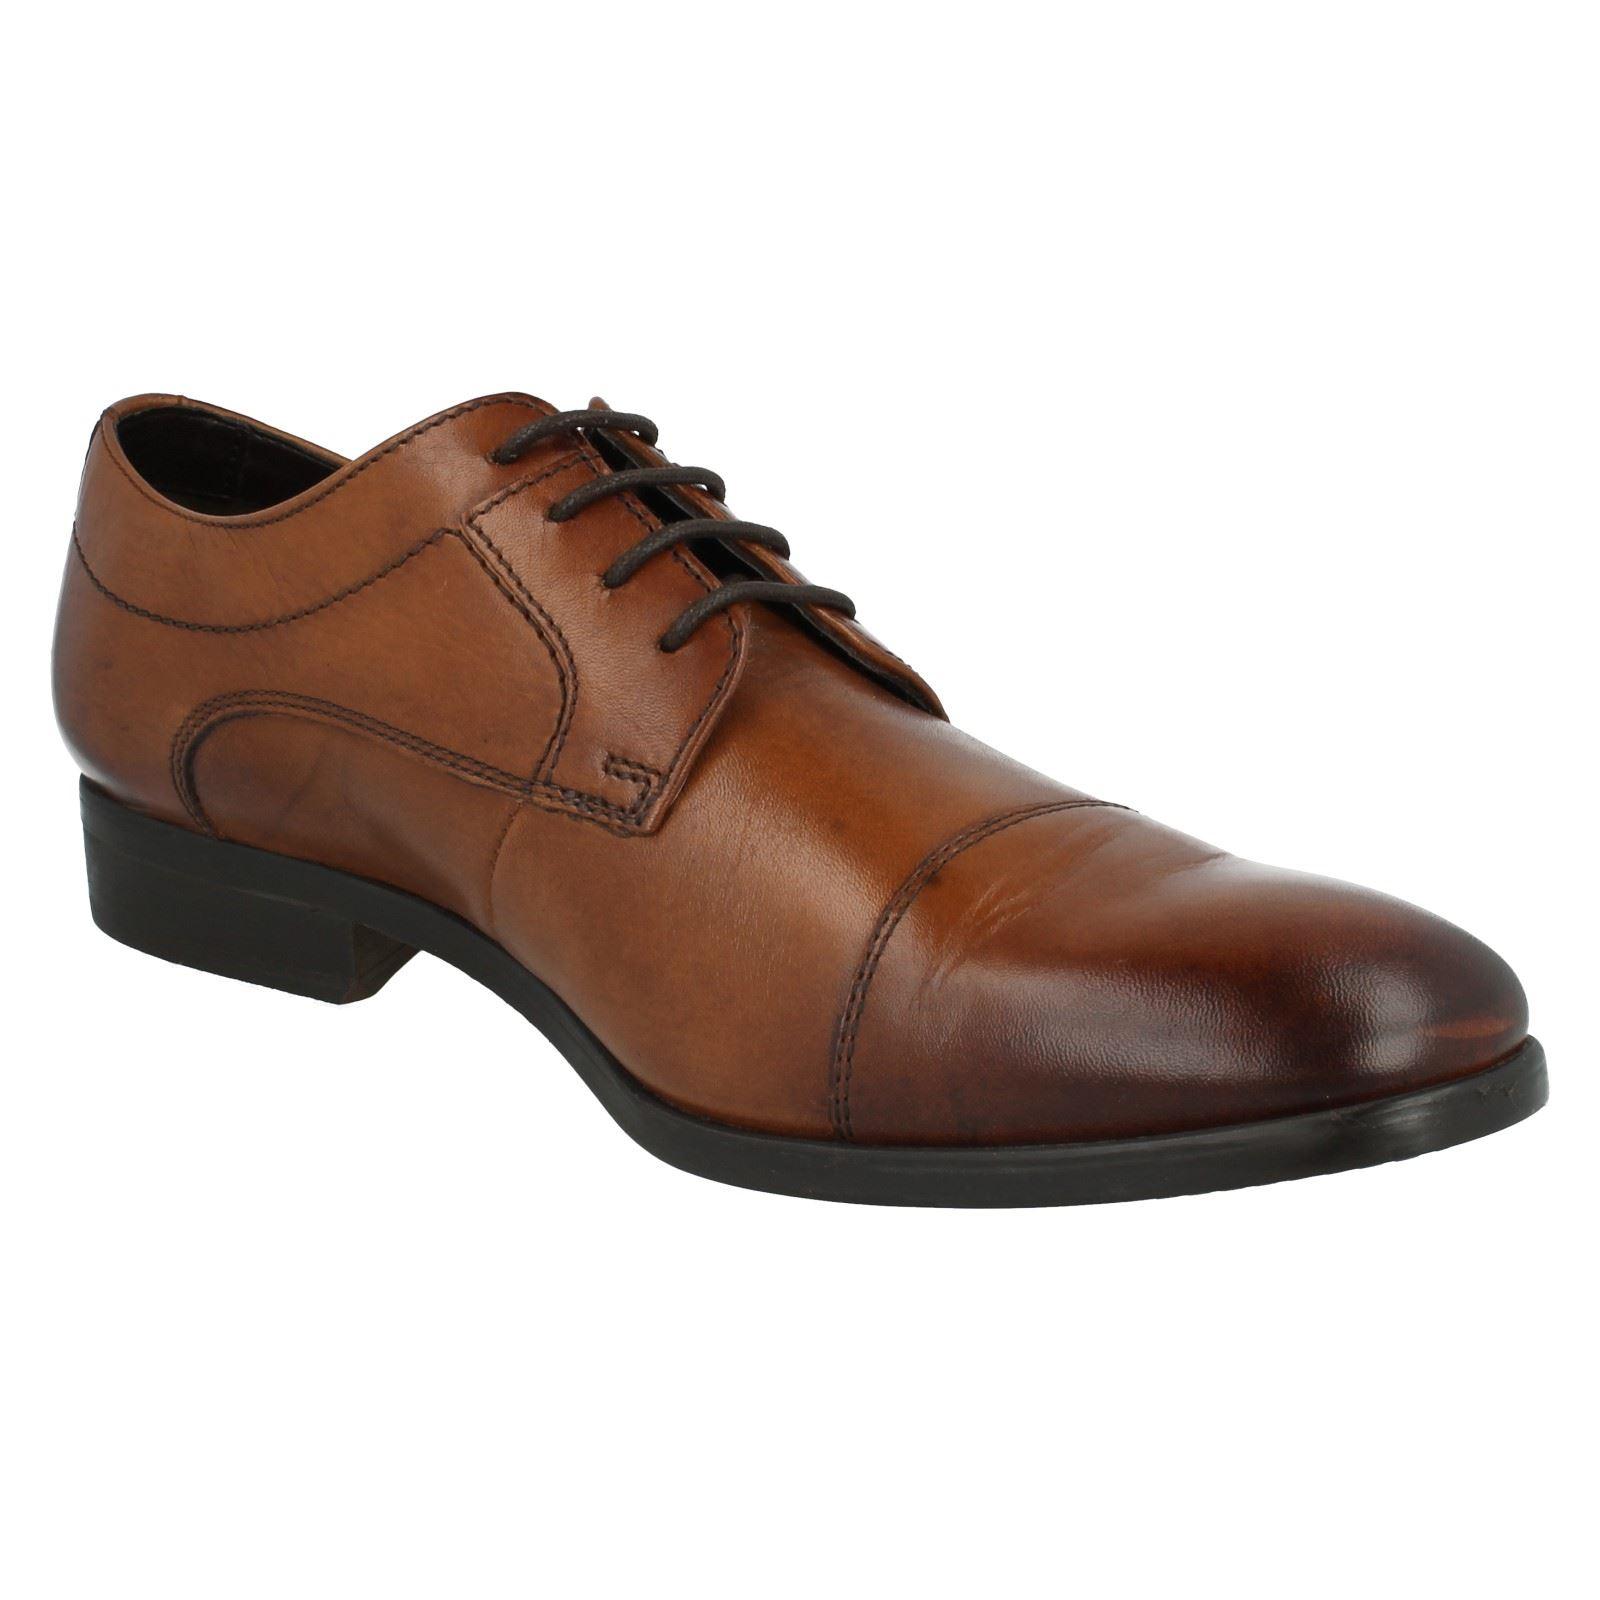 Men's Clarks Formal Lace Up Cap Shoes Label - Banfield Cap Up e95b00